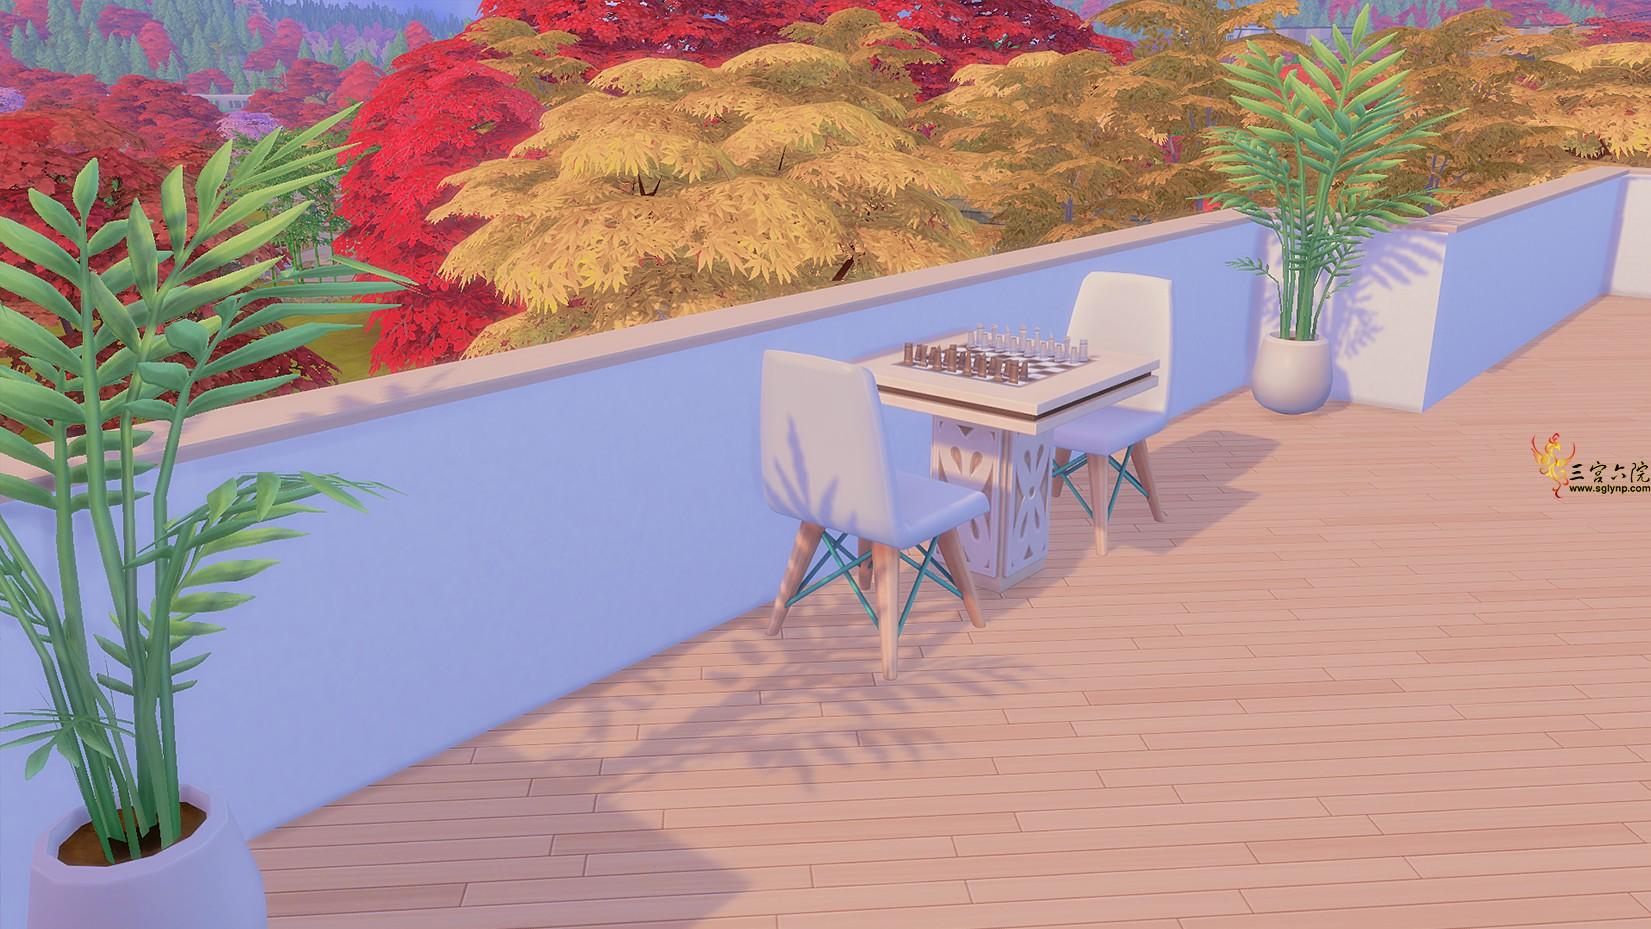 Sims 4 Screenshot 2021.02.14 - 14.10.17.15.png